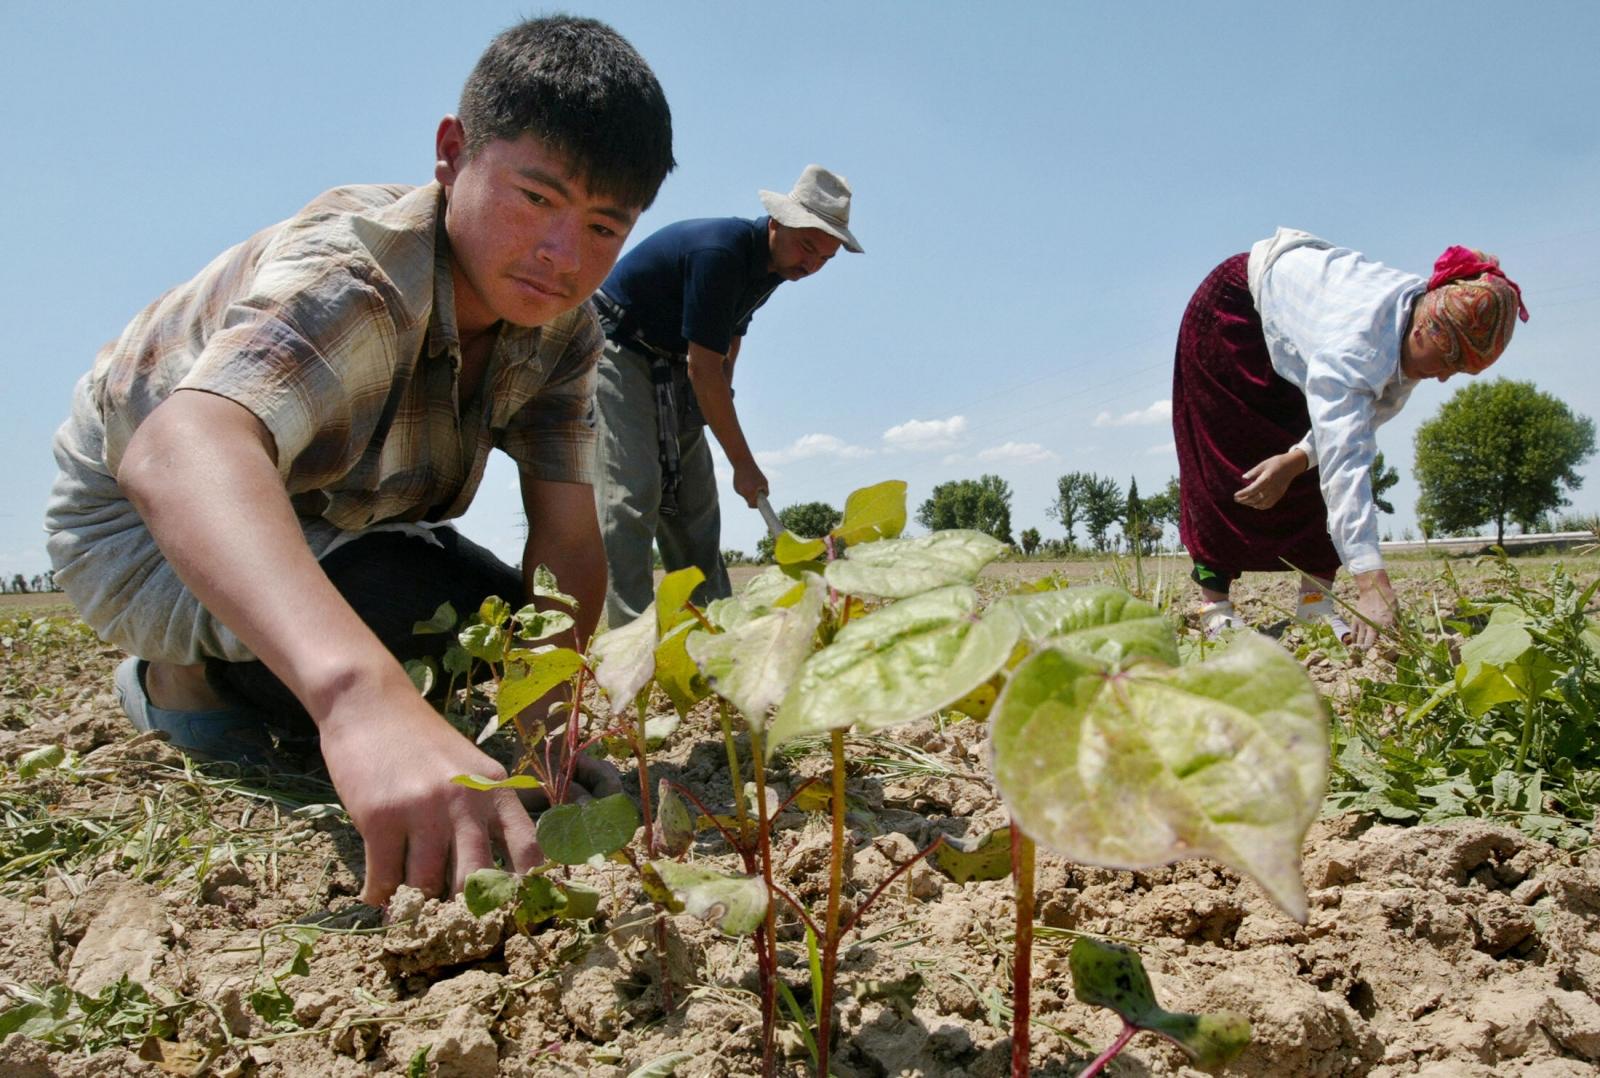 Uzbekistan child labour